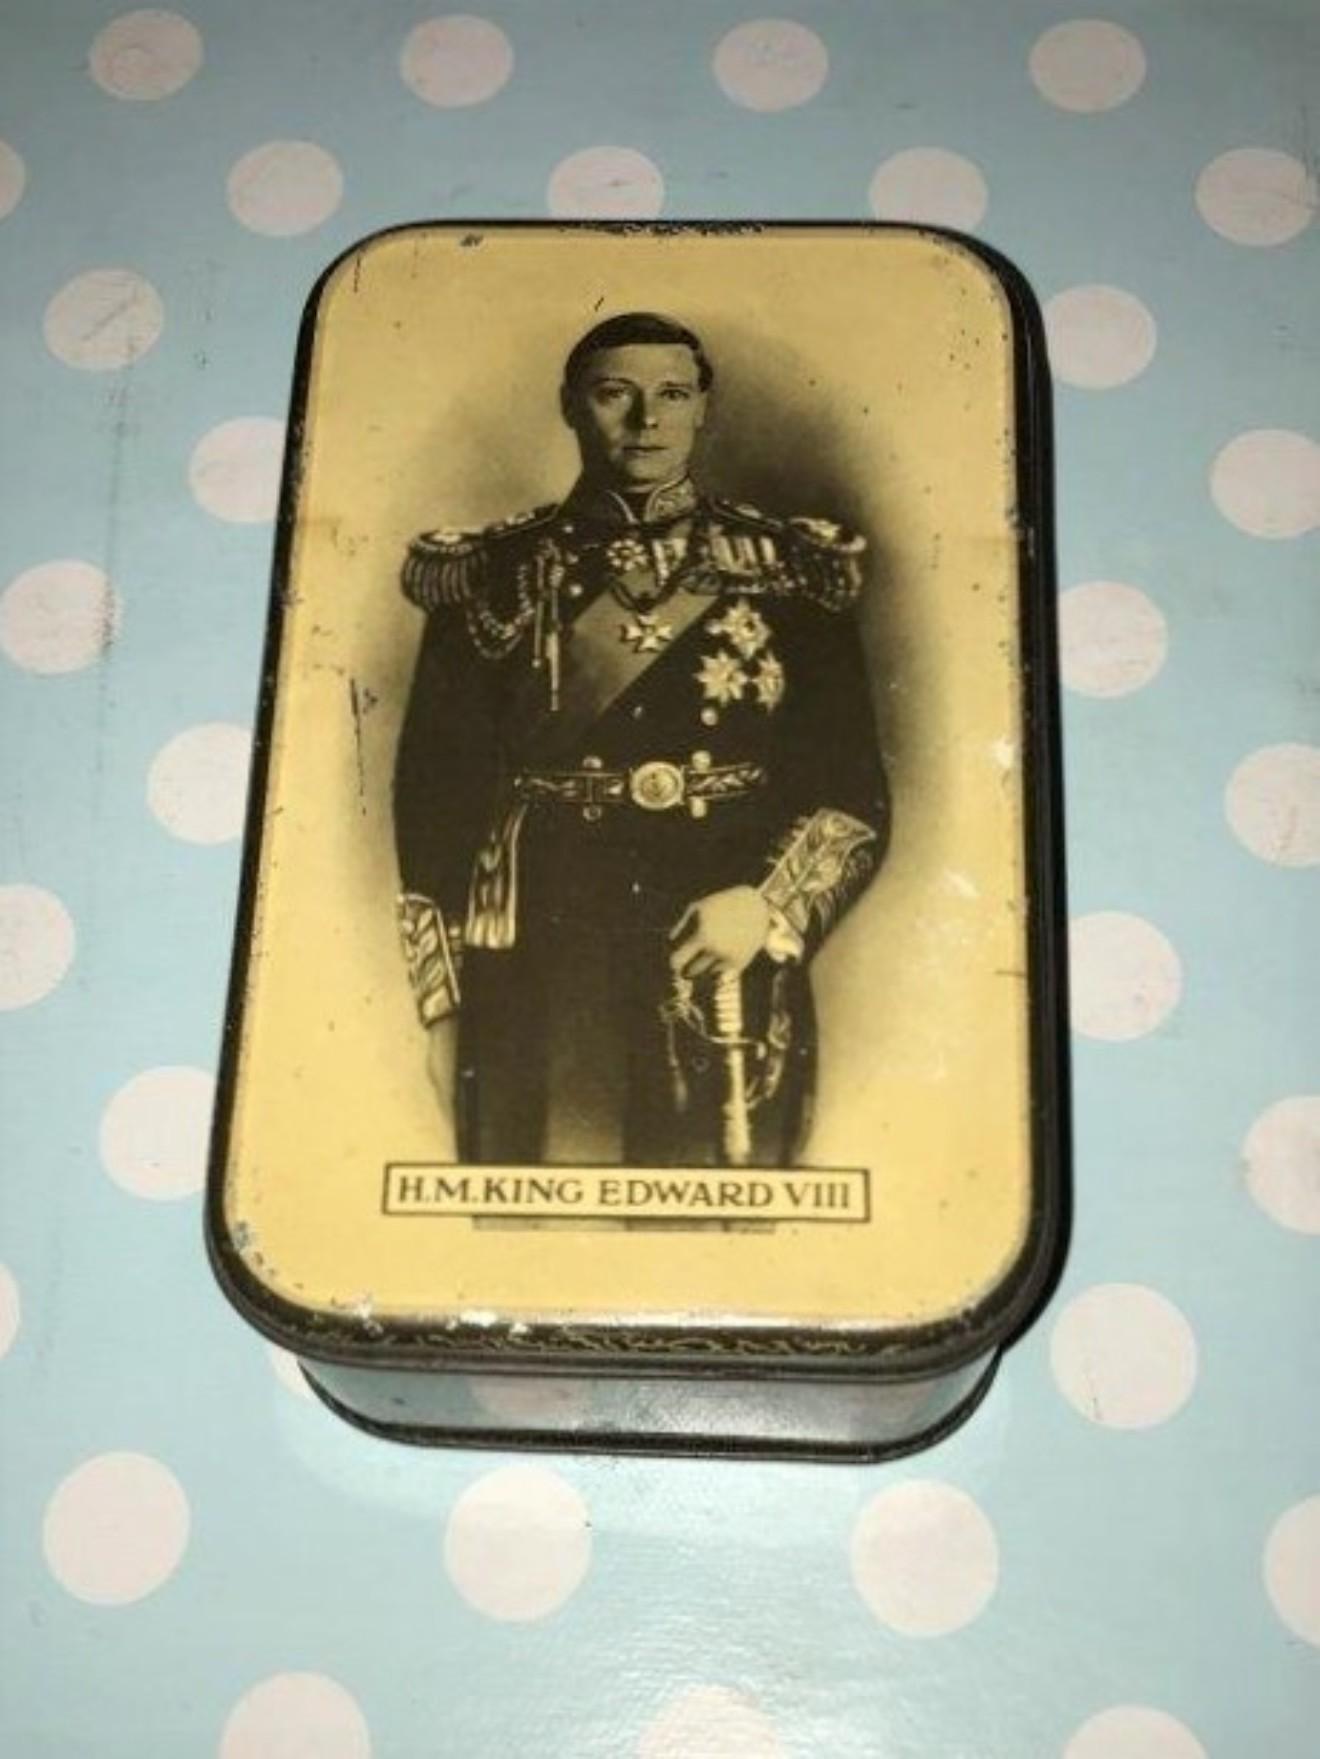 King Edward VIII Biscuit Tin